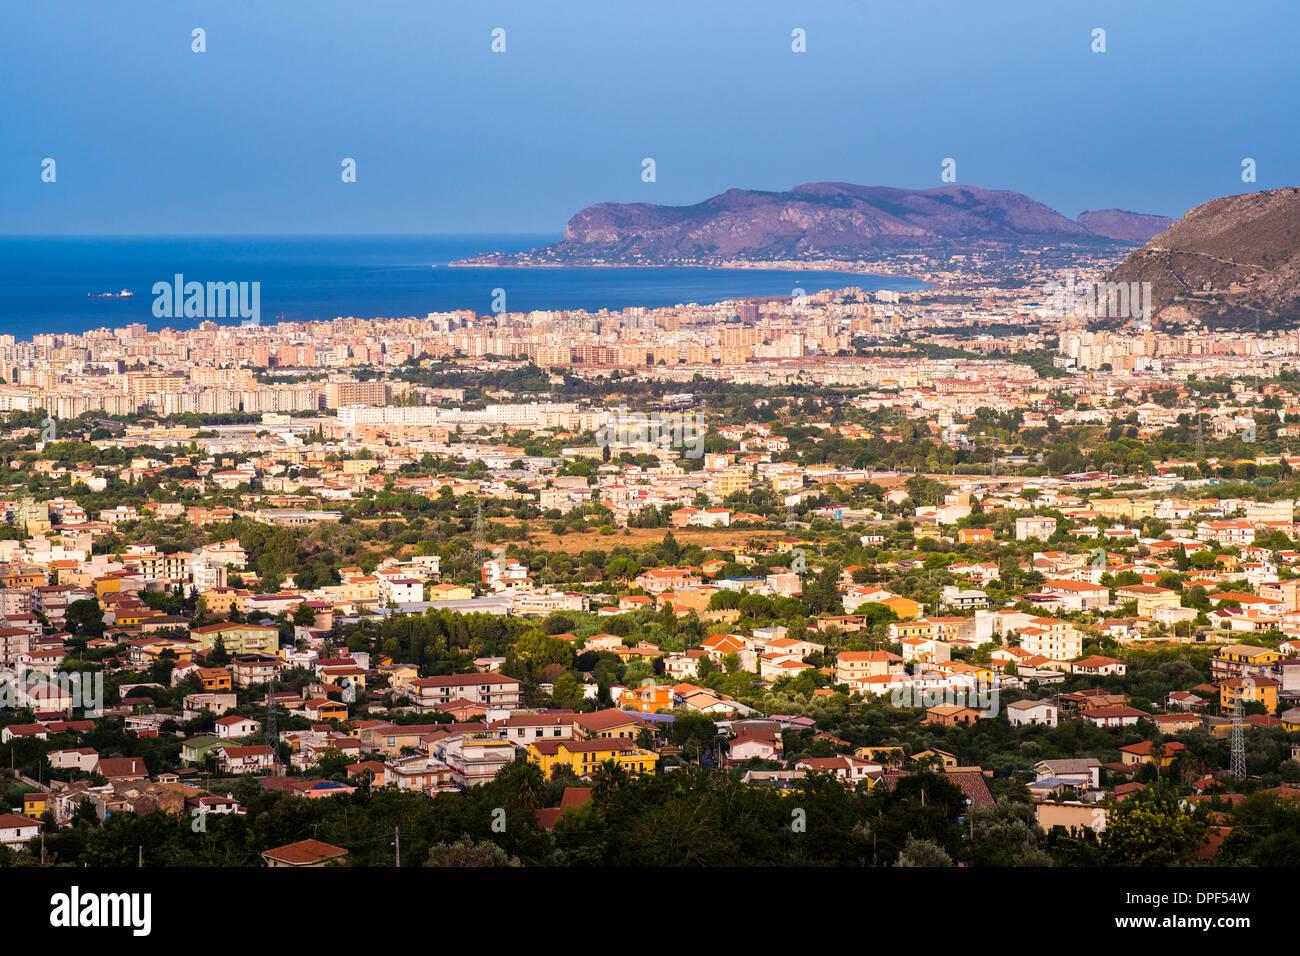 Paisaje urbano de Palermo (Palermu) y la costa de Sicilia, visto desde Monreale, Sicilia, Italia, el Mediterráneo, Europa Imagen De Stock